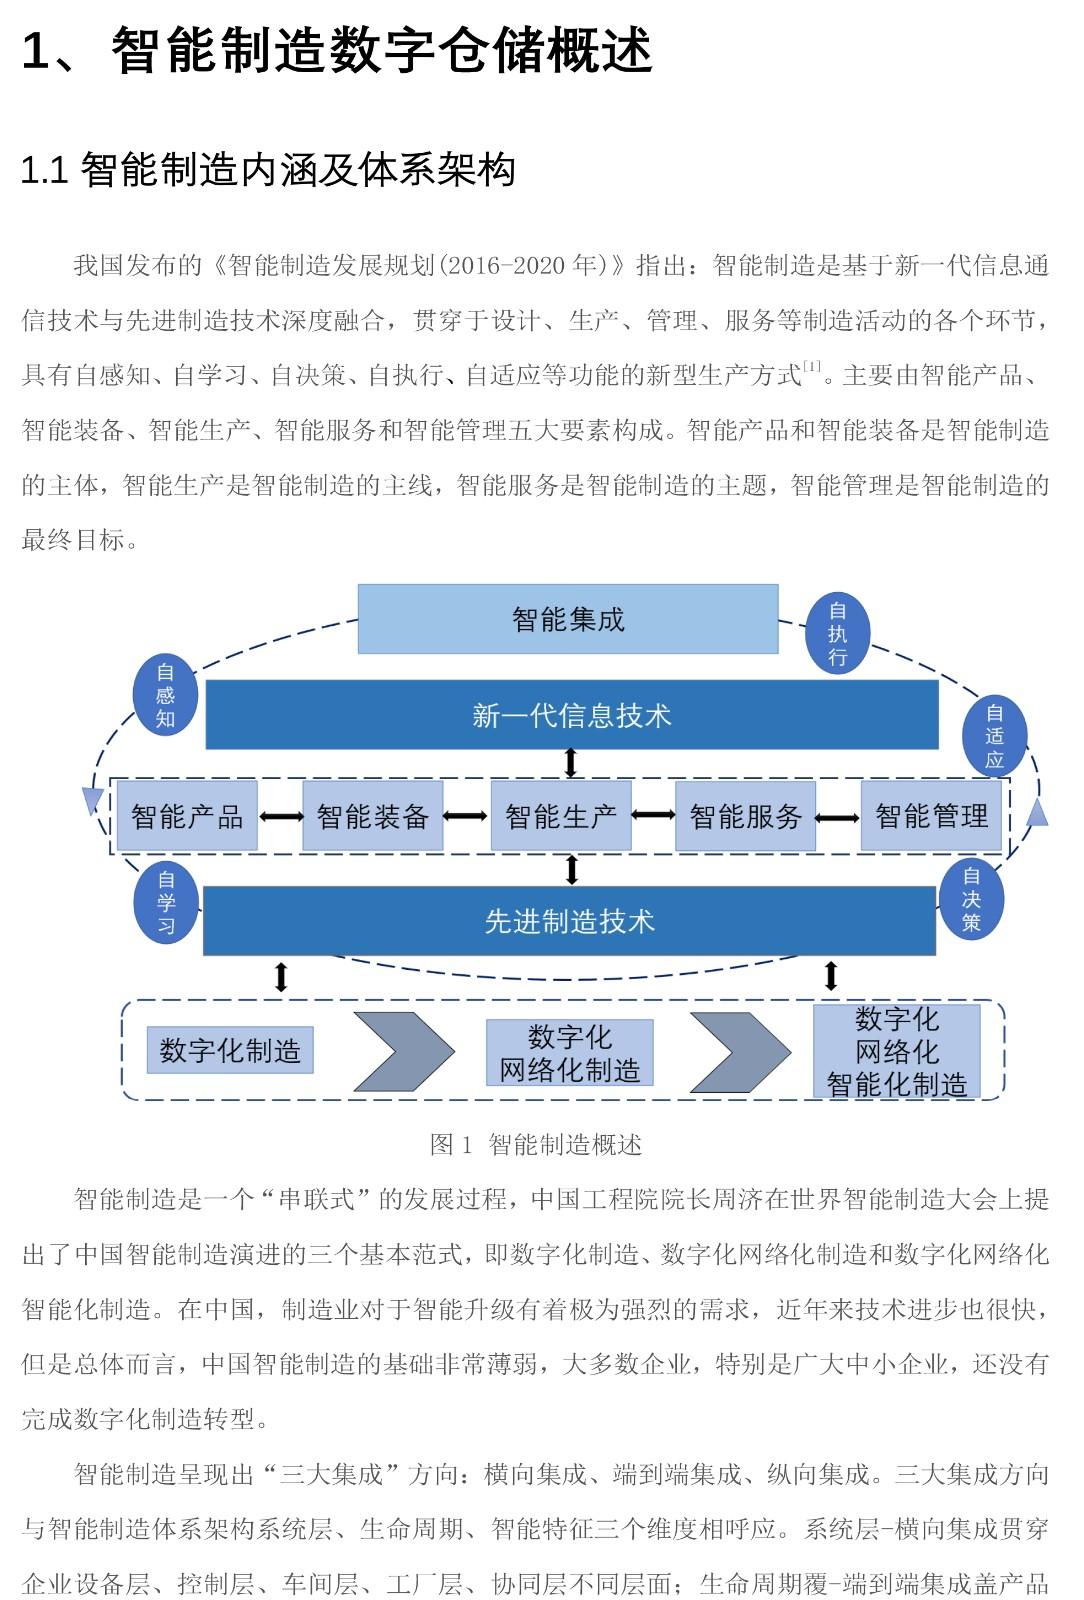 面向智能制造的数字仓储系统解决方案-白皮书V2-3 拷贝.jpg